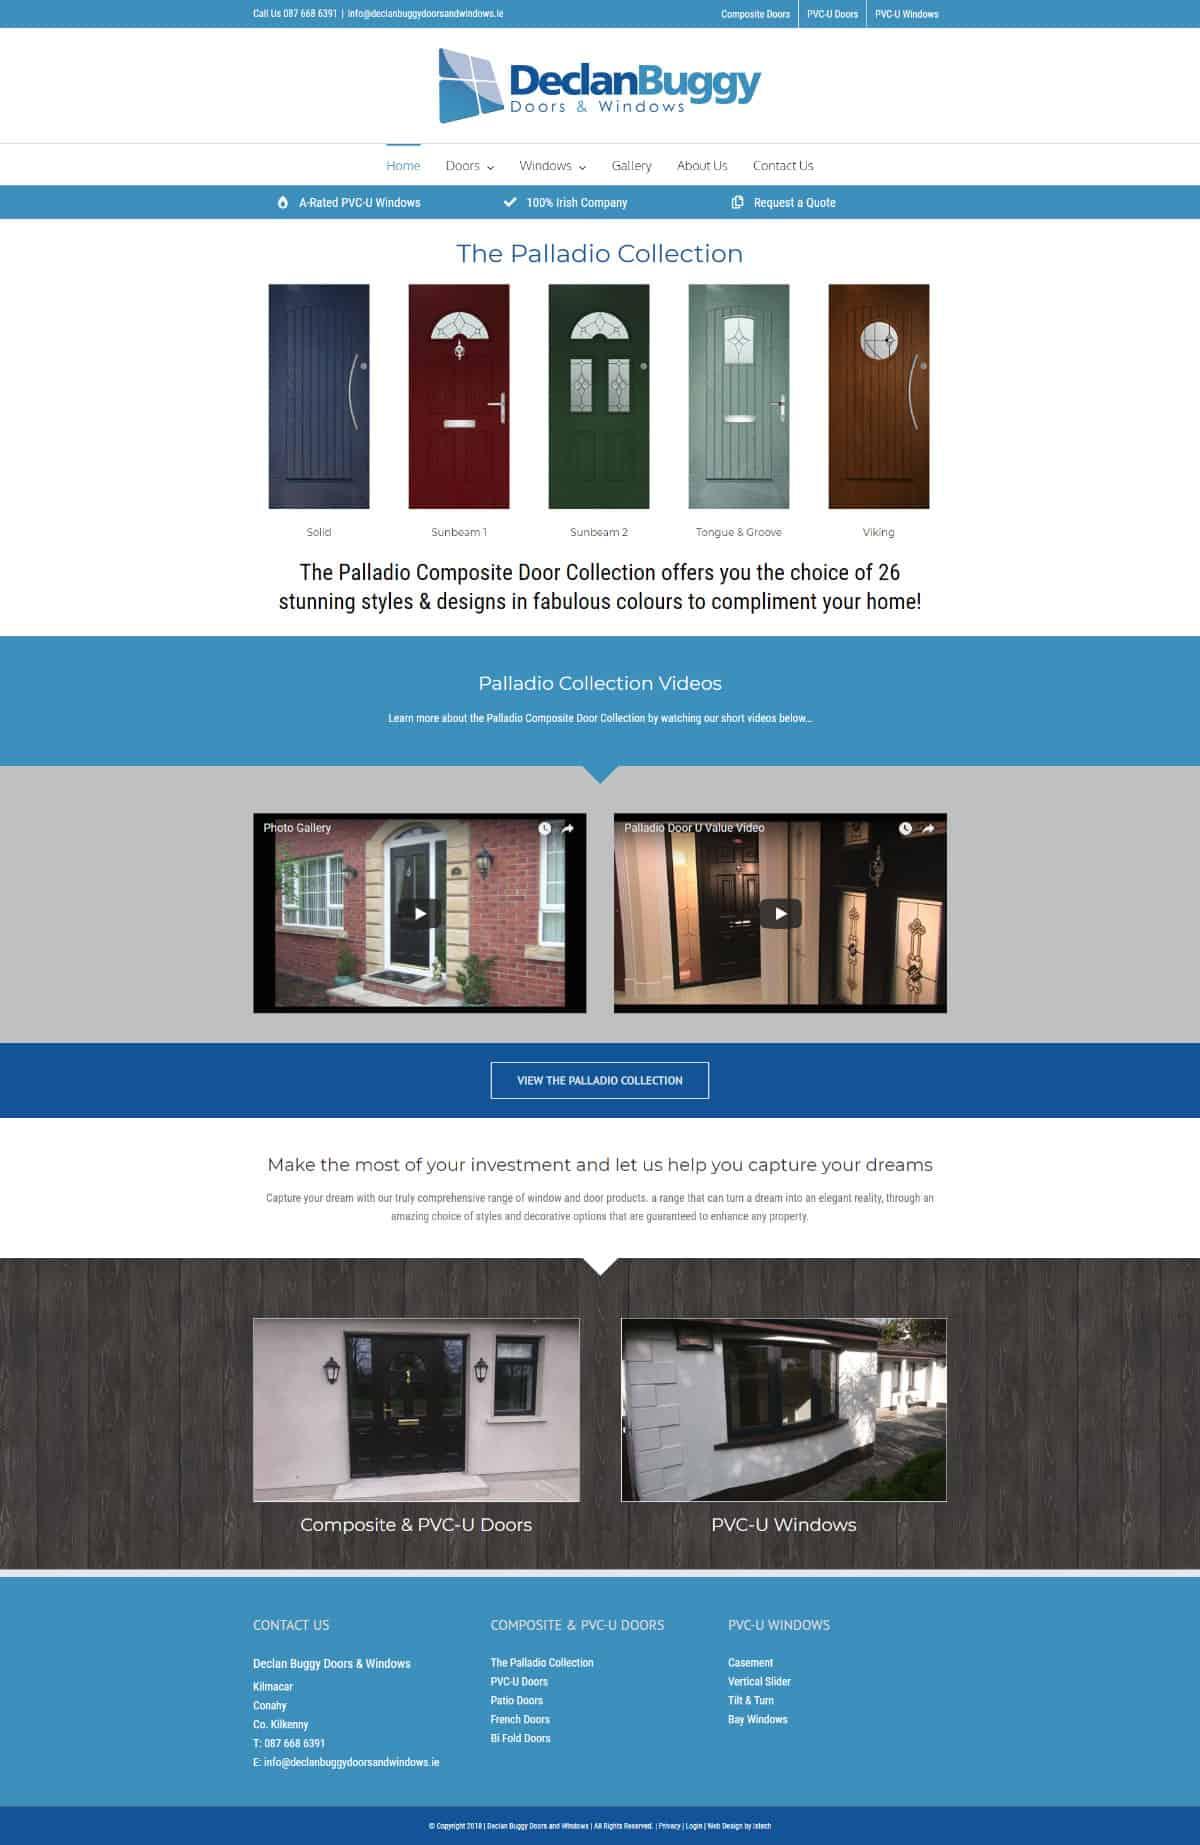 Declan Buggy Doors & Windows – New Website Launched